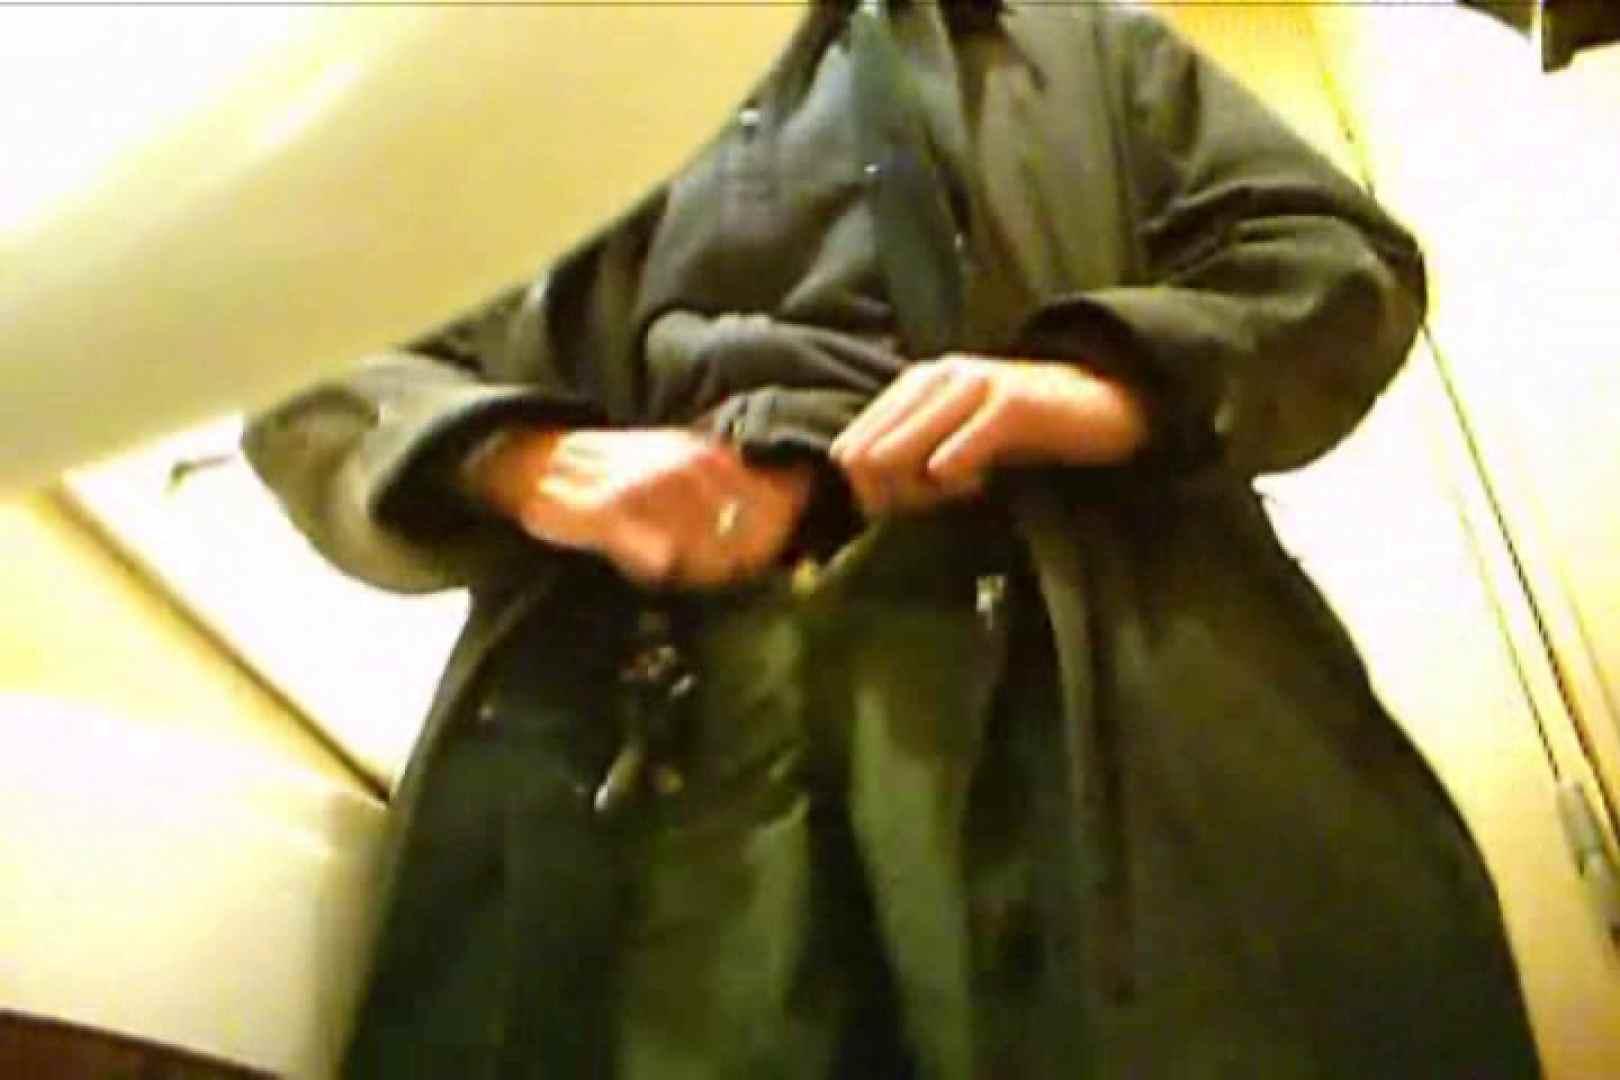 Gボーイ初投稿!掴み取りさんの洗面所覗き!in新幹線!VOL.15 投稿 | おやじ熊系ボーイズ  102pic 46